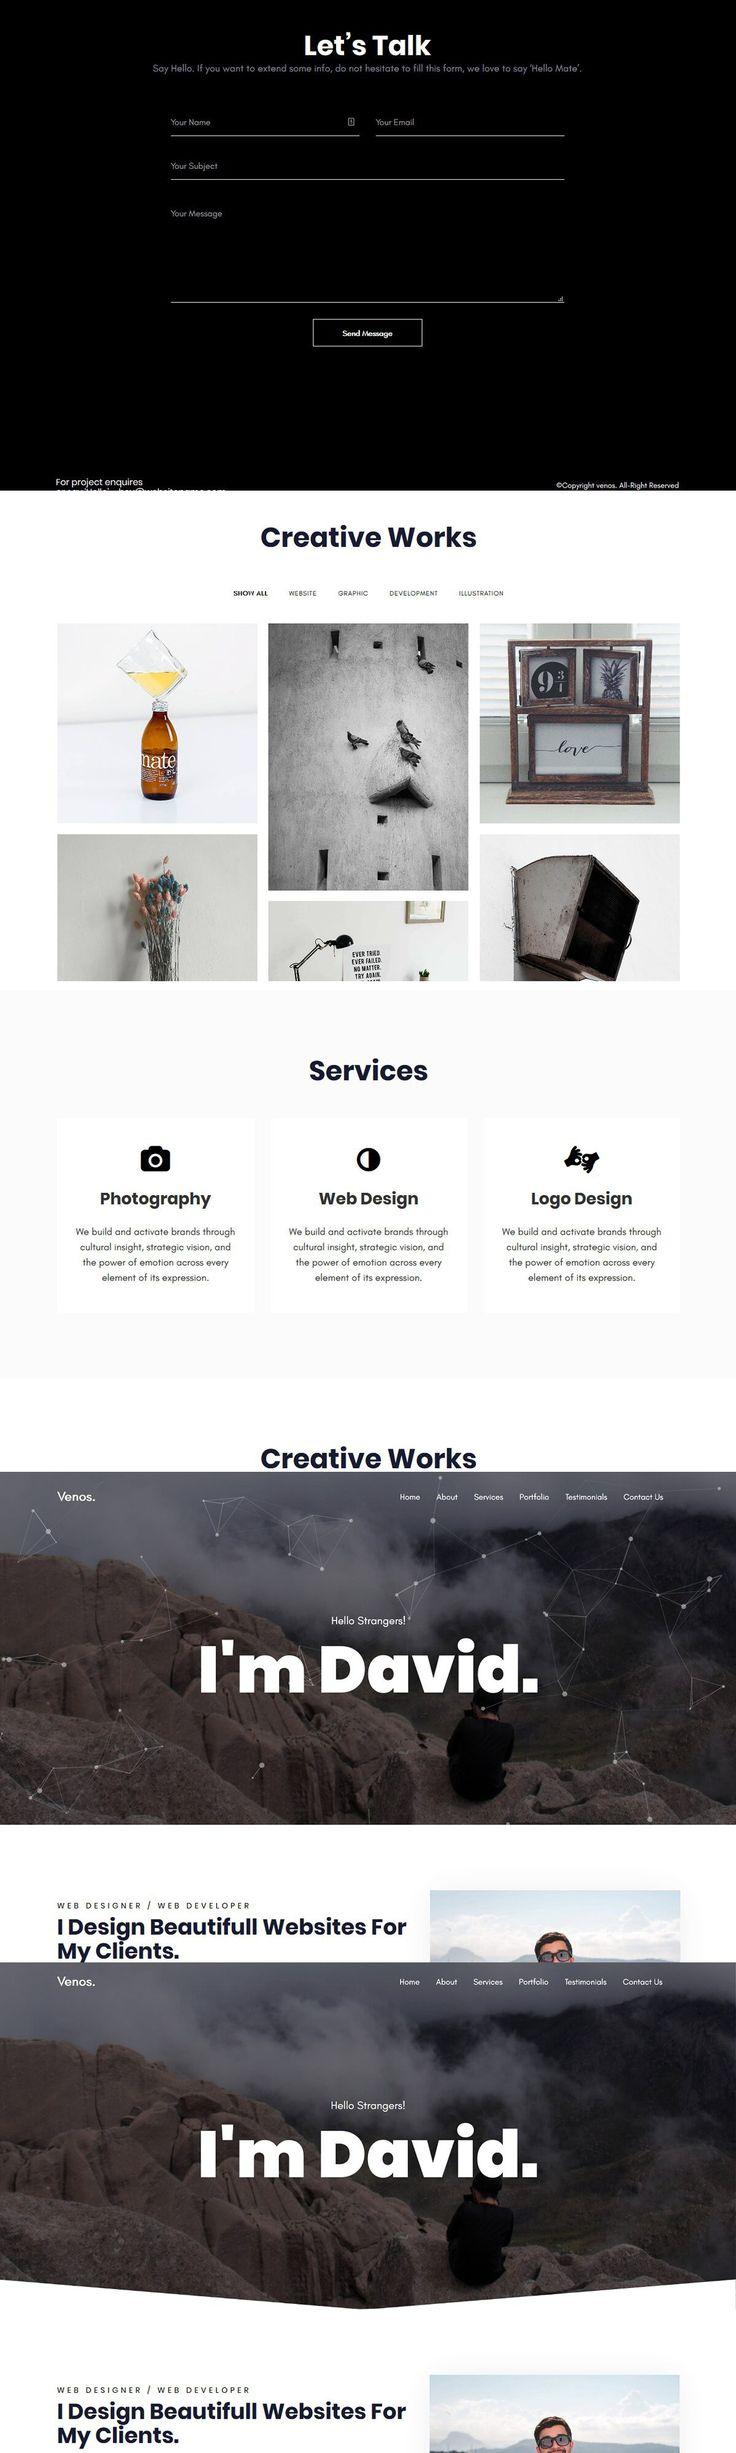 Venos Creative Portfolio Template Presentation design